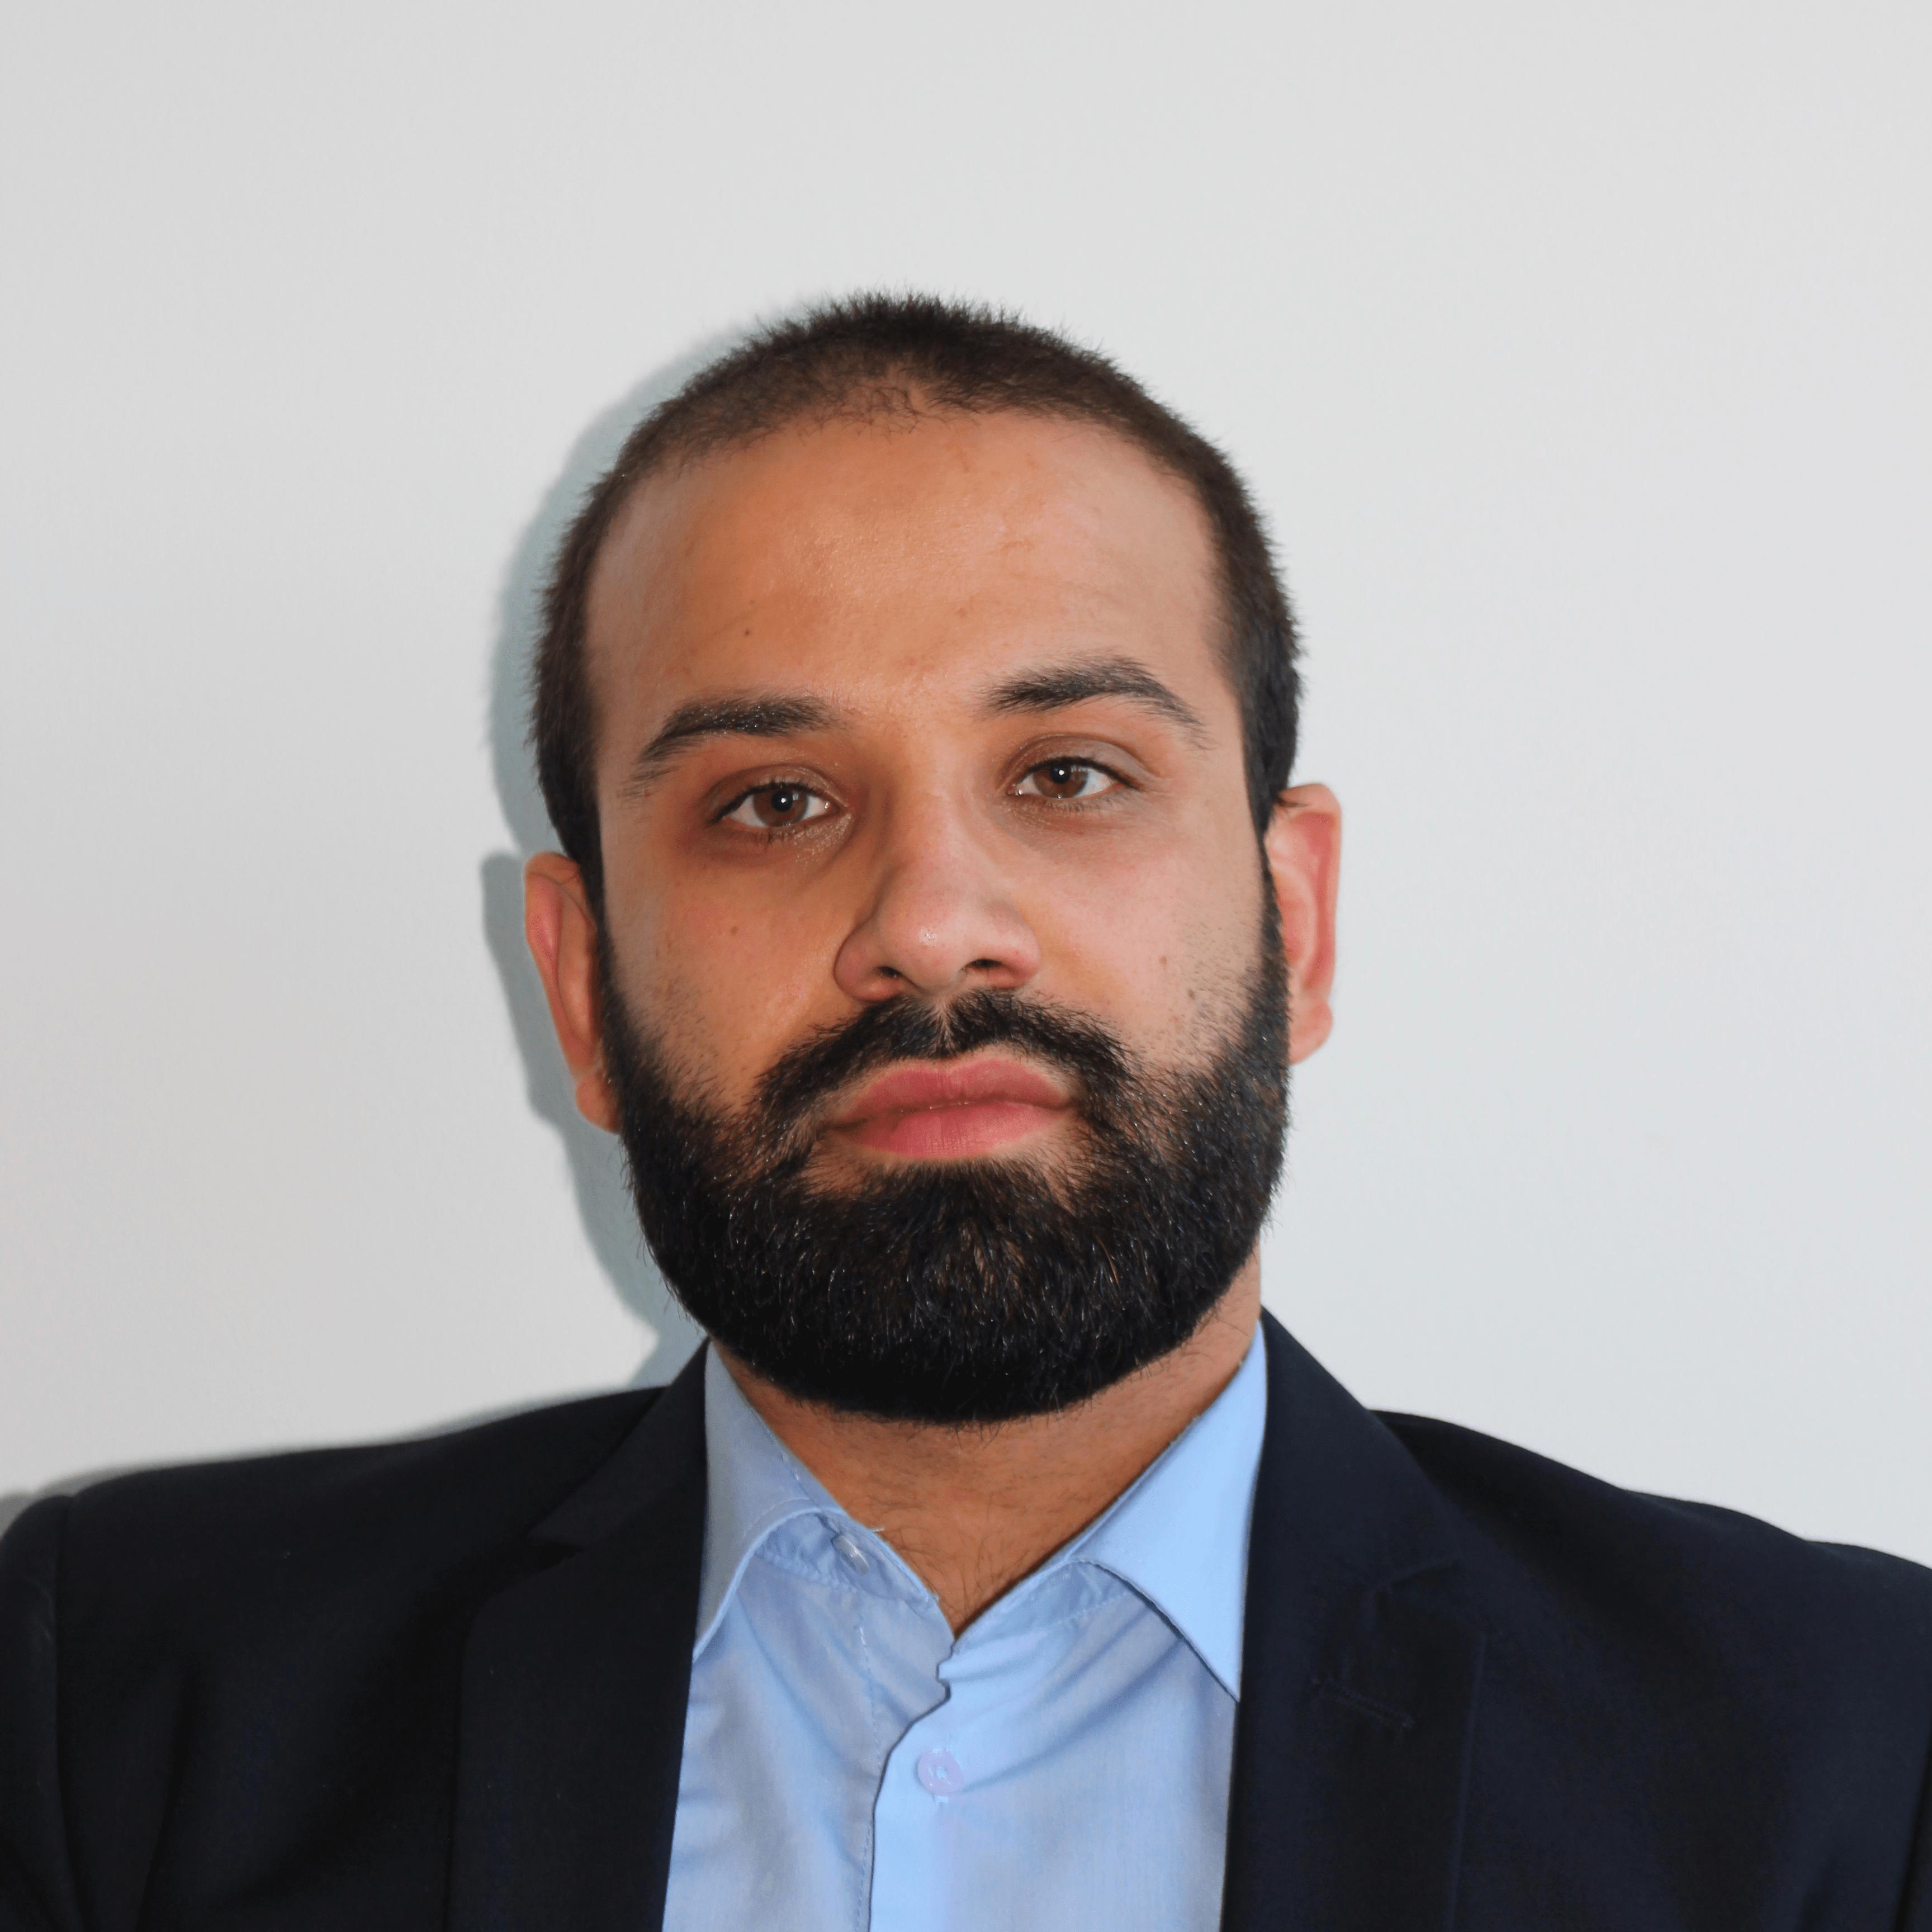 Mohamad Toufayli